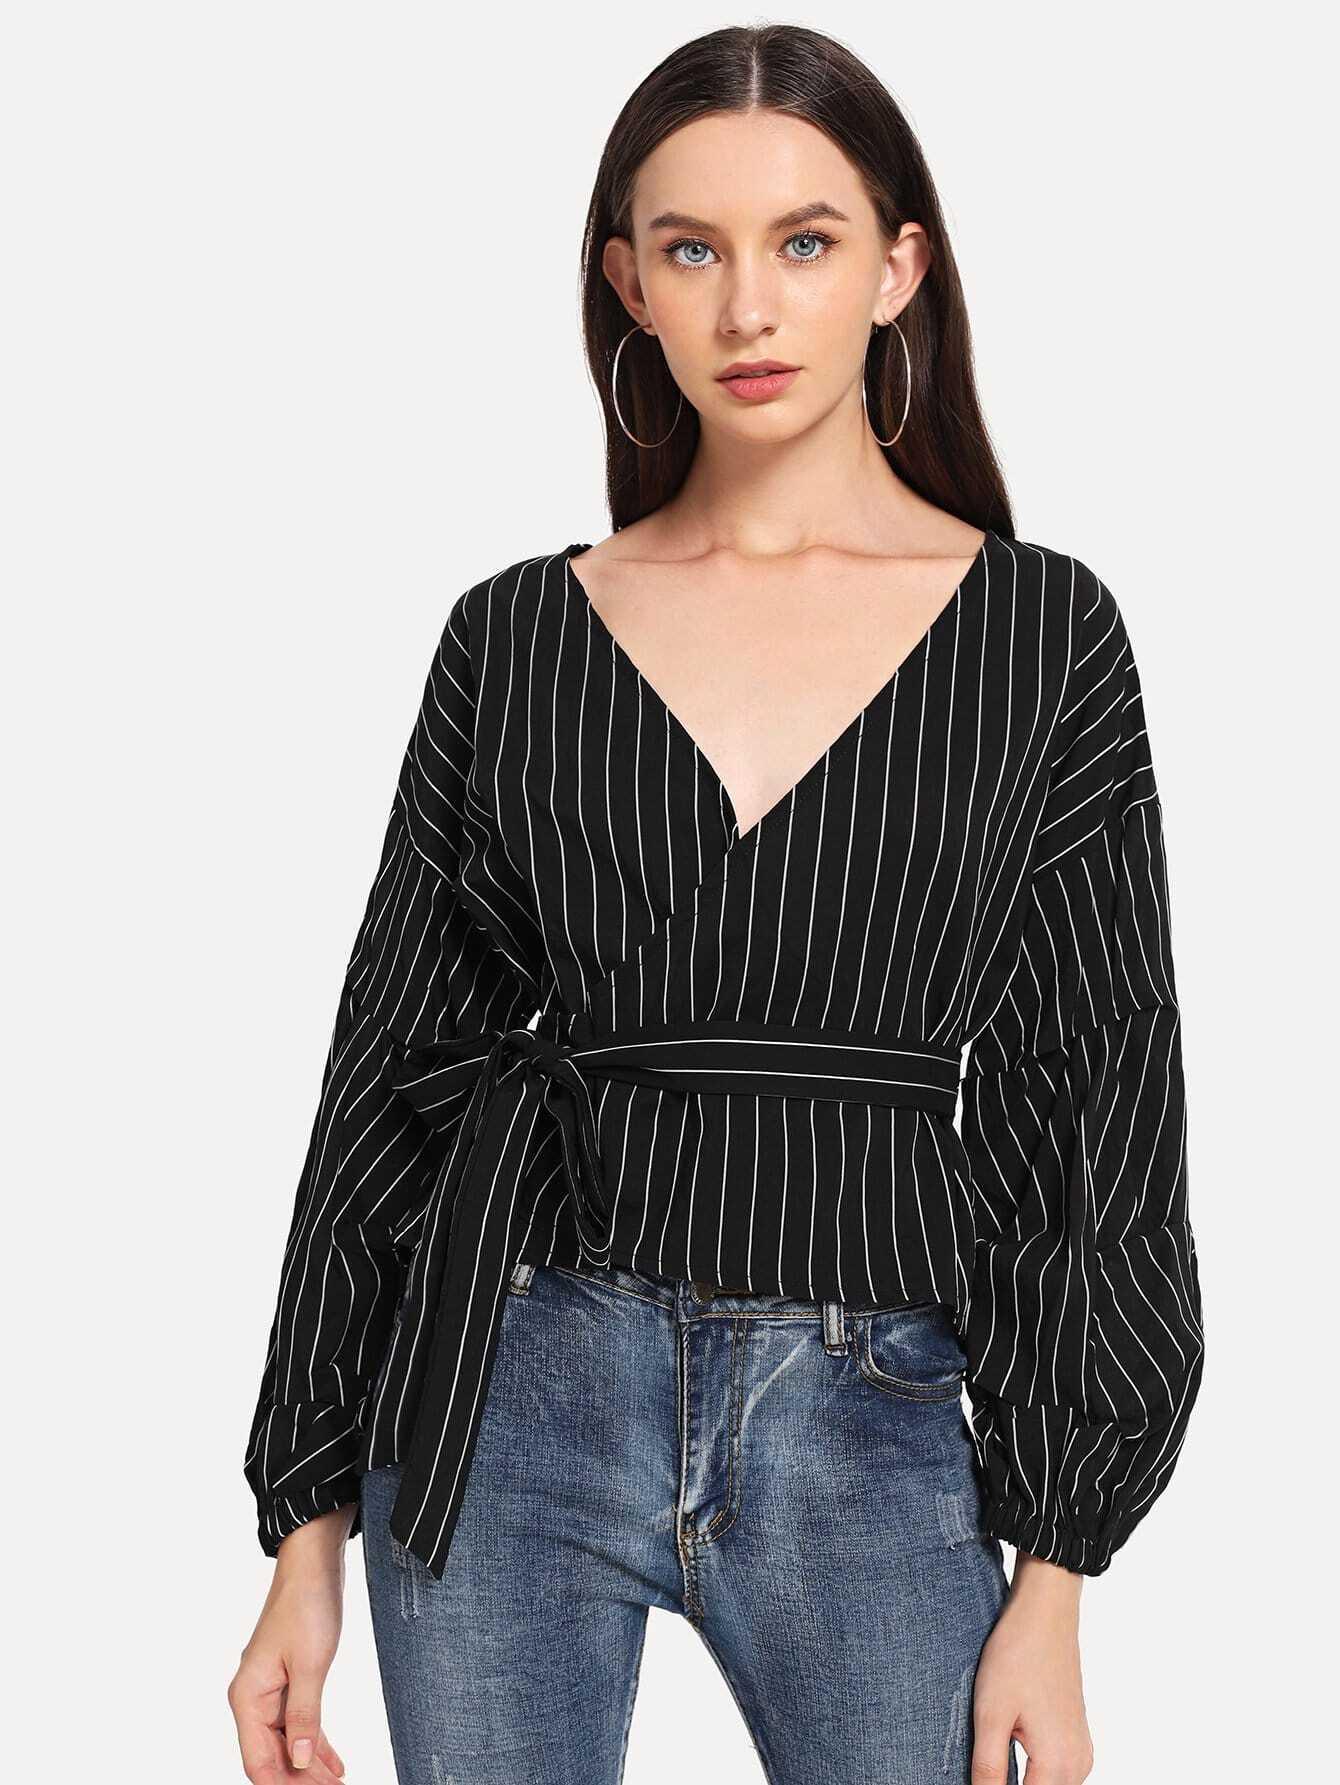 Купить Полосатая блуза V-образным вырезом и бантом, Kate B, SheIn